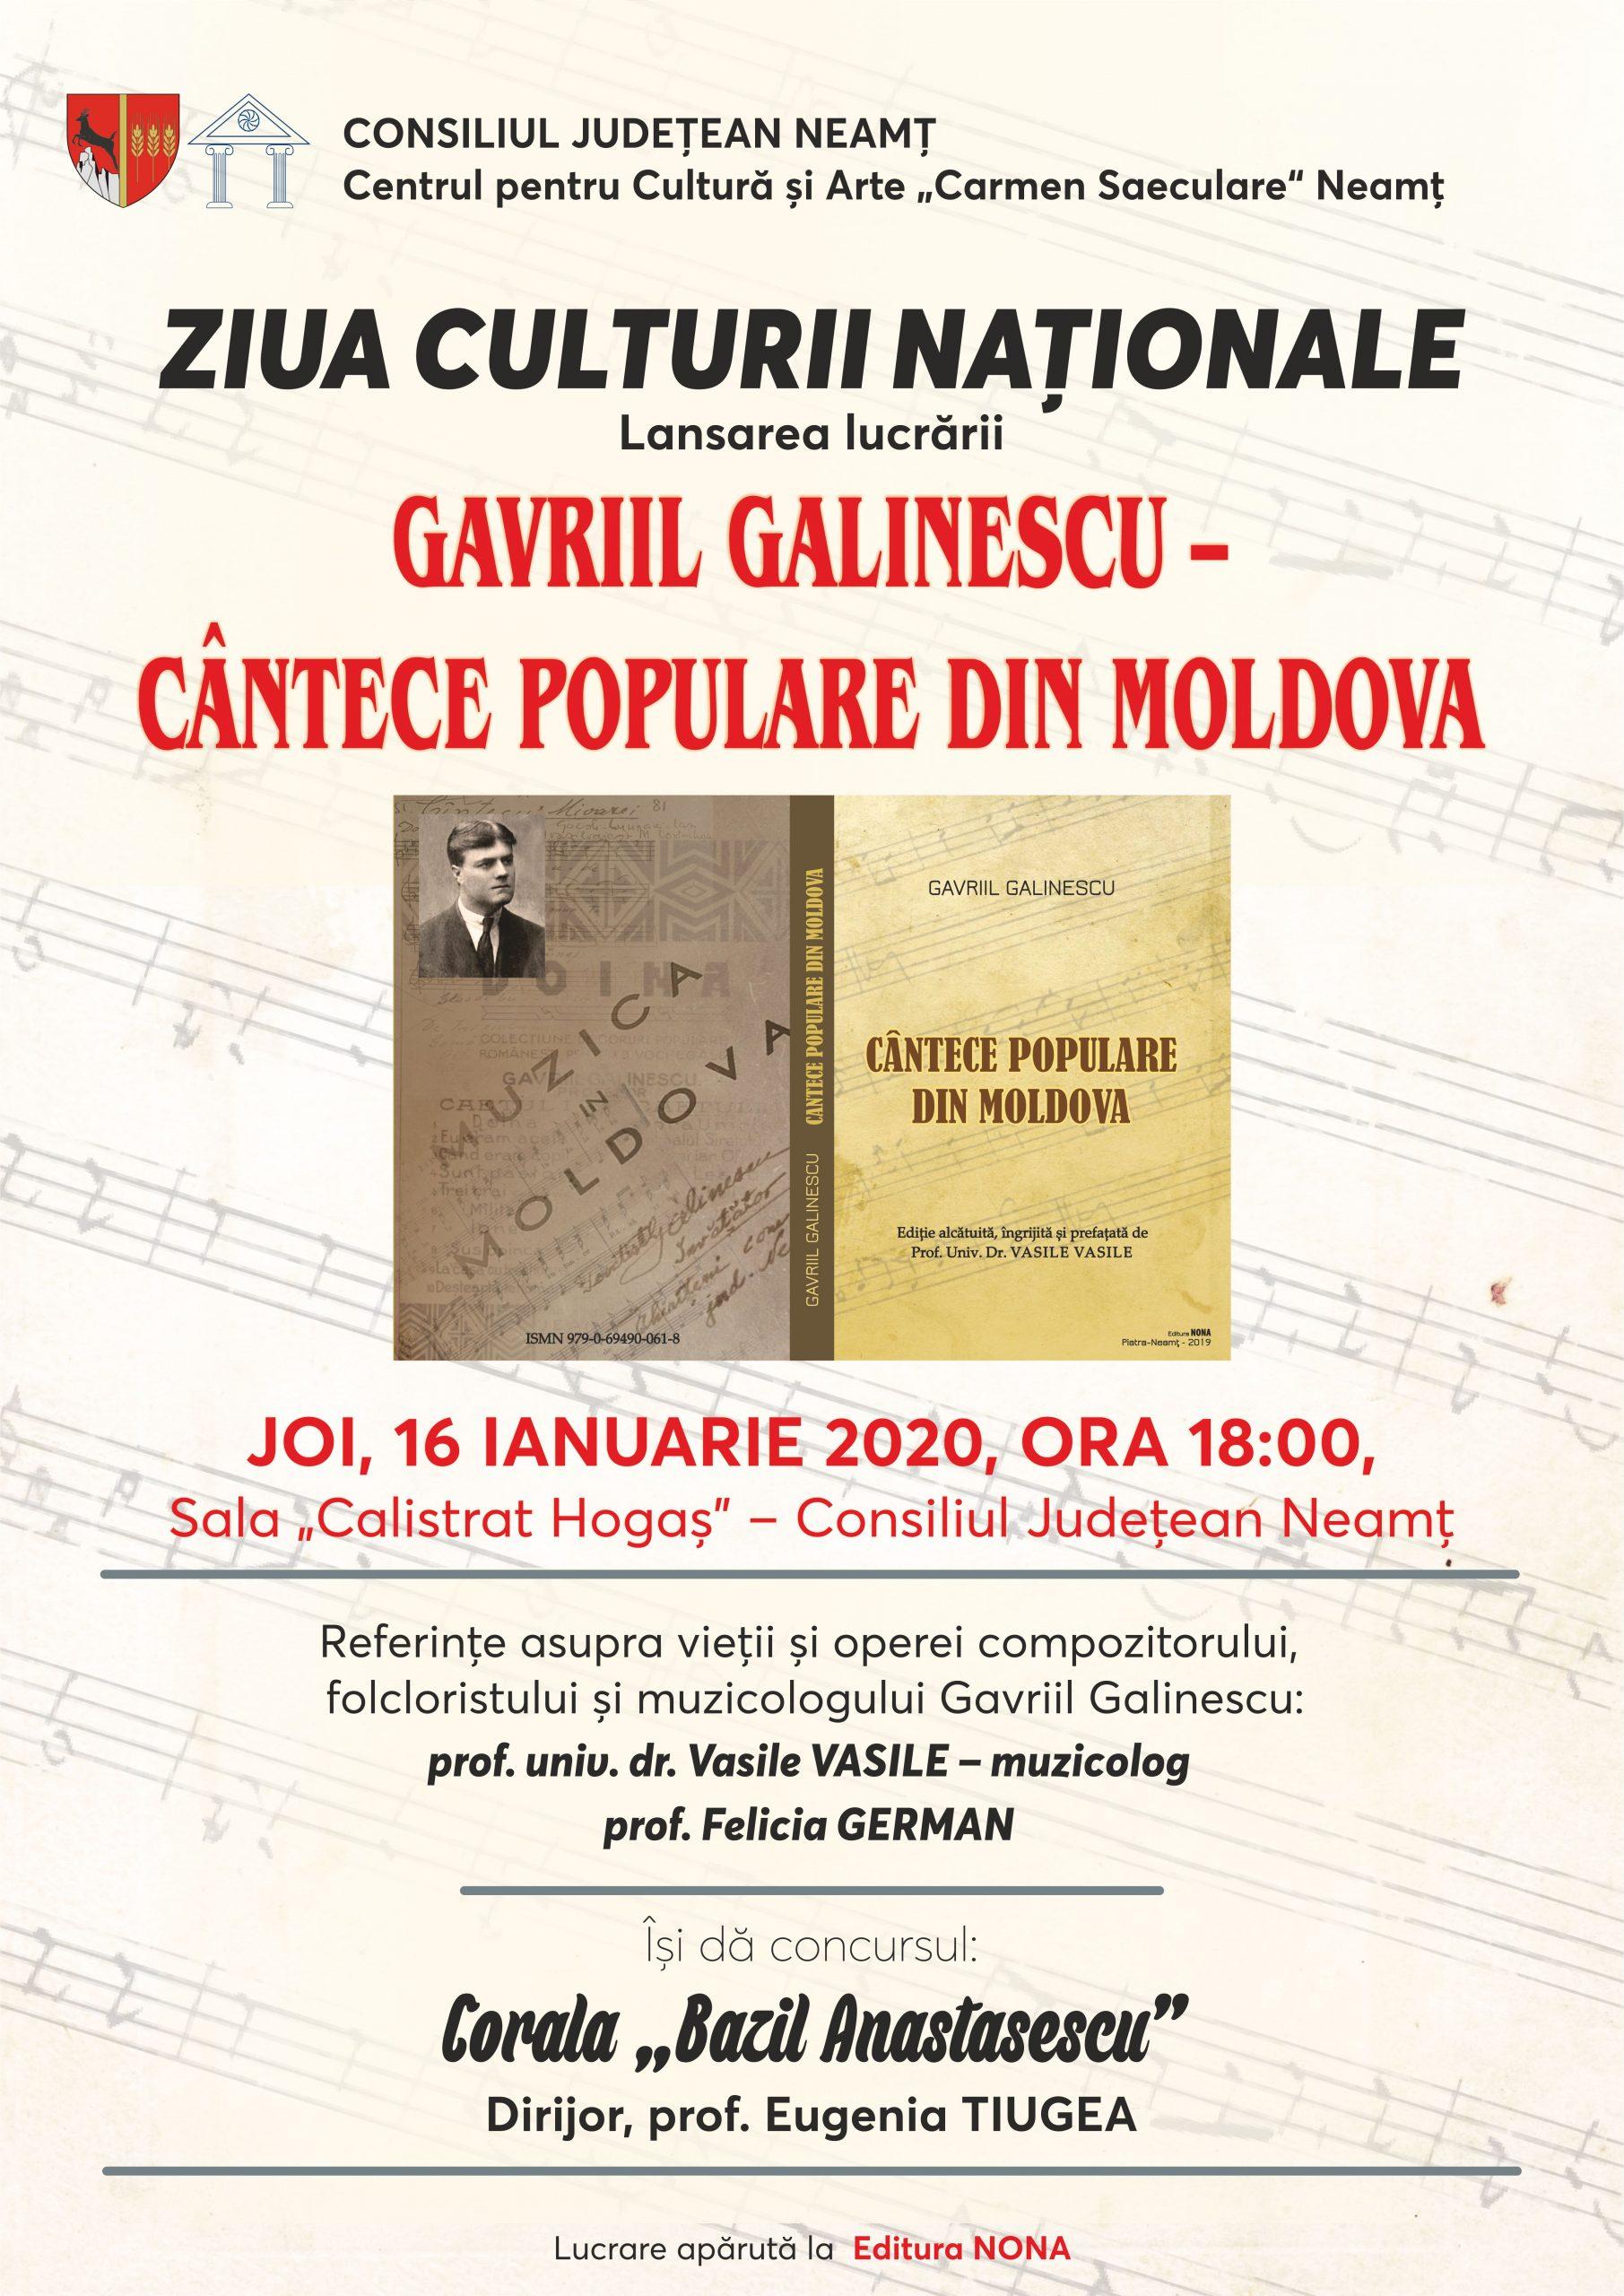 """""""Cântece populare din Moldova"""", de Gavriil Galinescu, lansări la Bicaz, Târgu Neamţ şi Piatra Neamţ"""